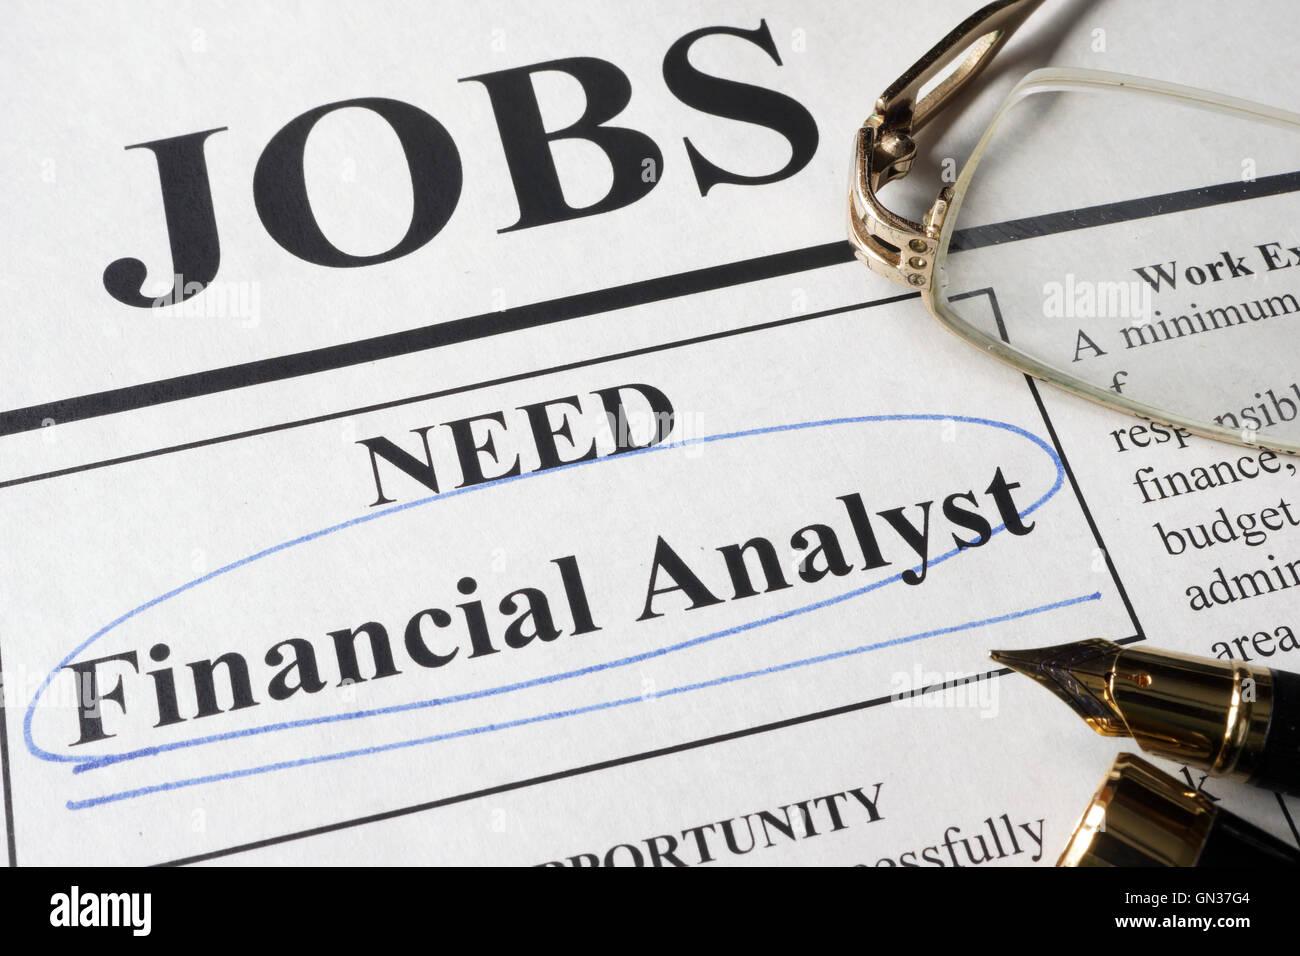 Zeitung mit Anzeigen für die Vakanz Finanzanalyst. Beschäftigung-Konzept. Stockbild